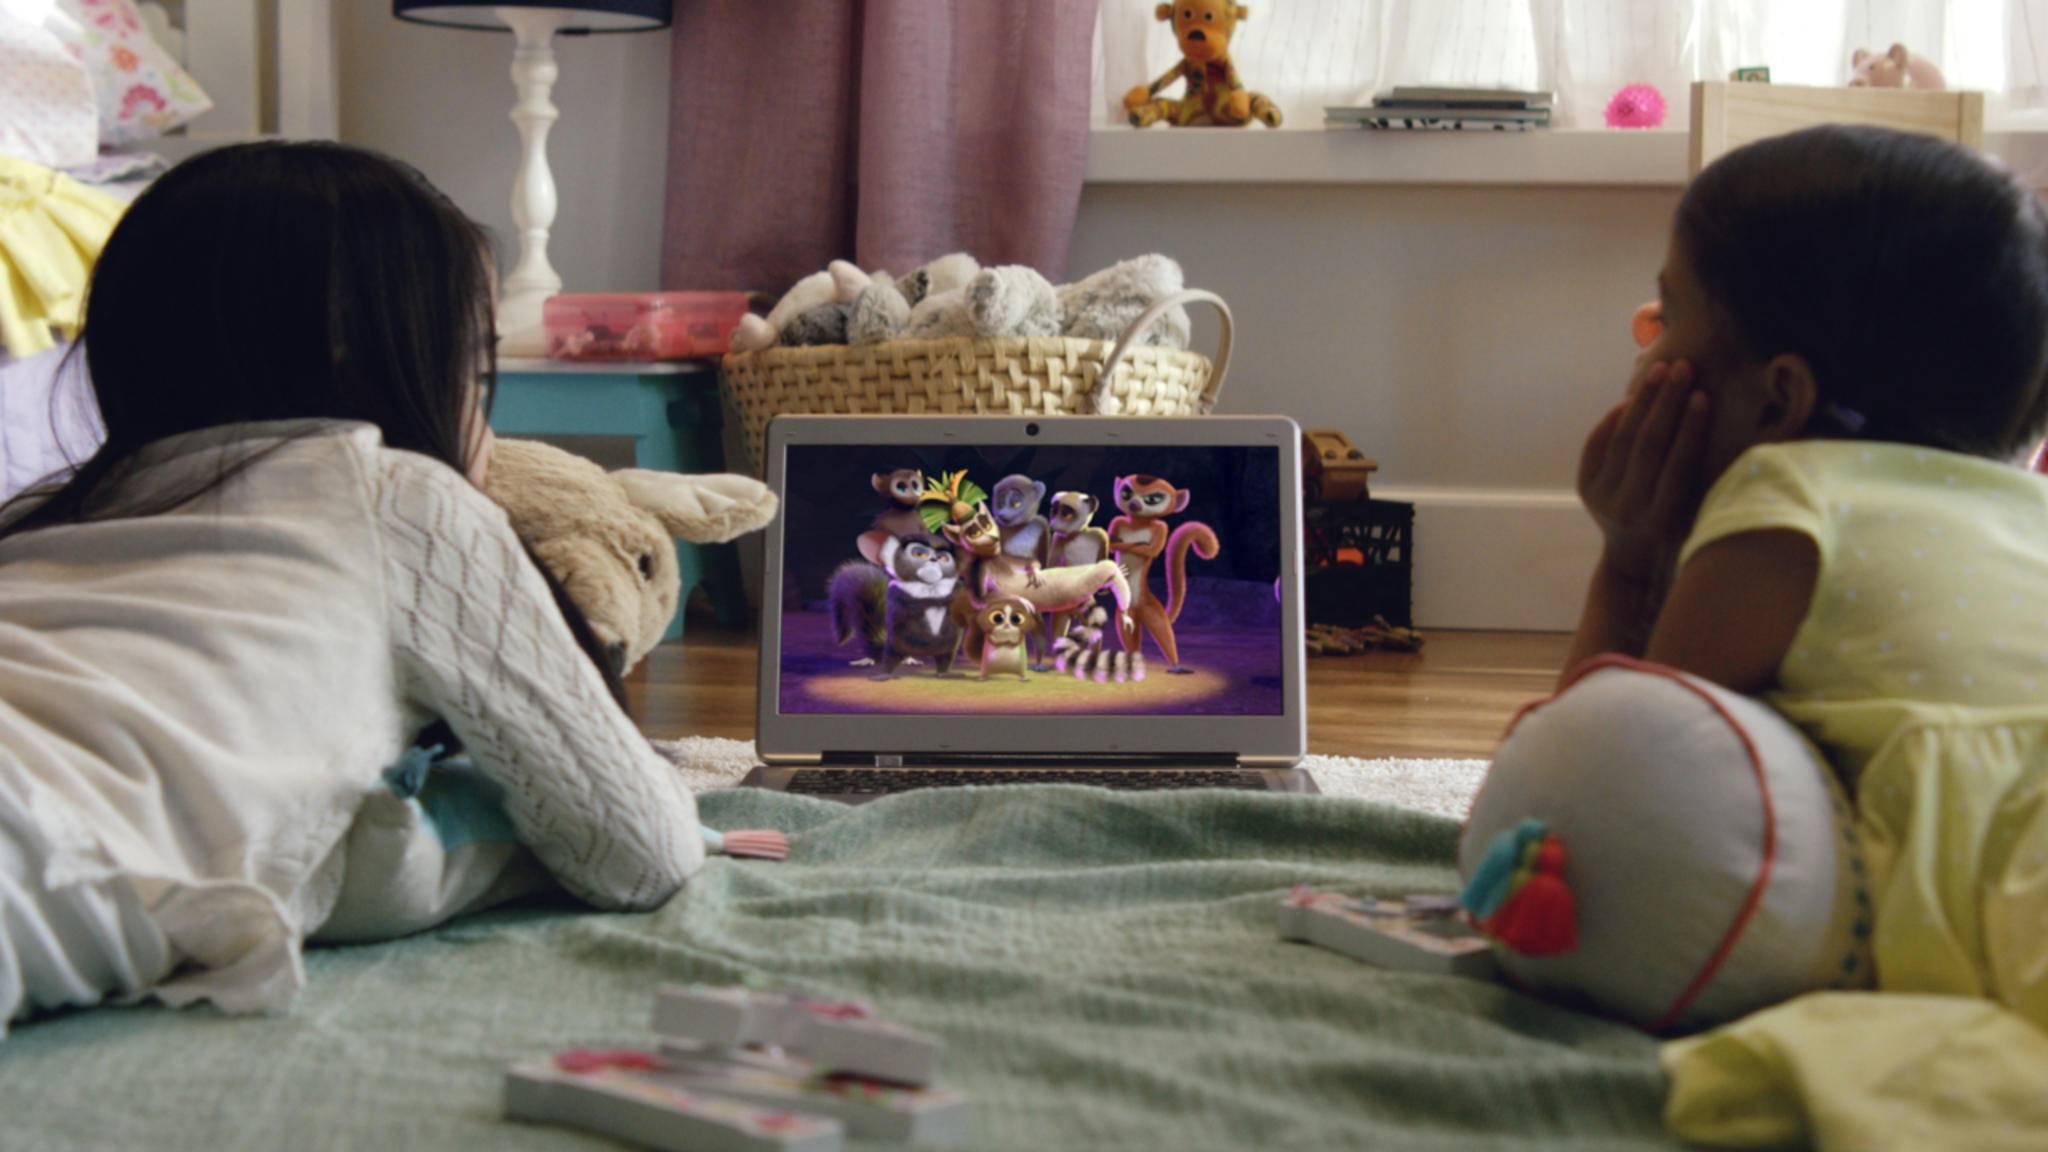 Nicht alle Inhalte auf Netflix sind für Kinder geeignet. Darum sollte die Kindersicherung Pflicht sein.